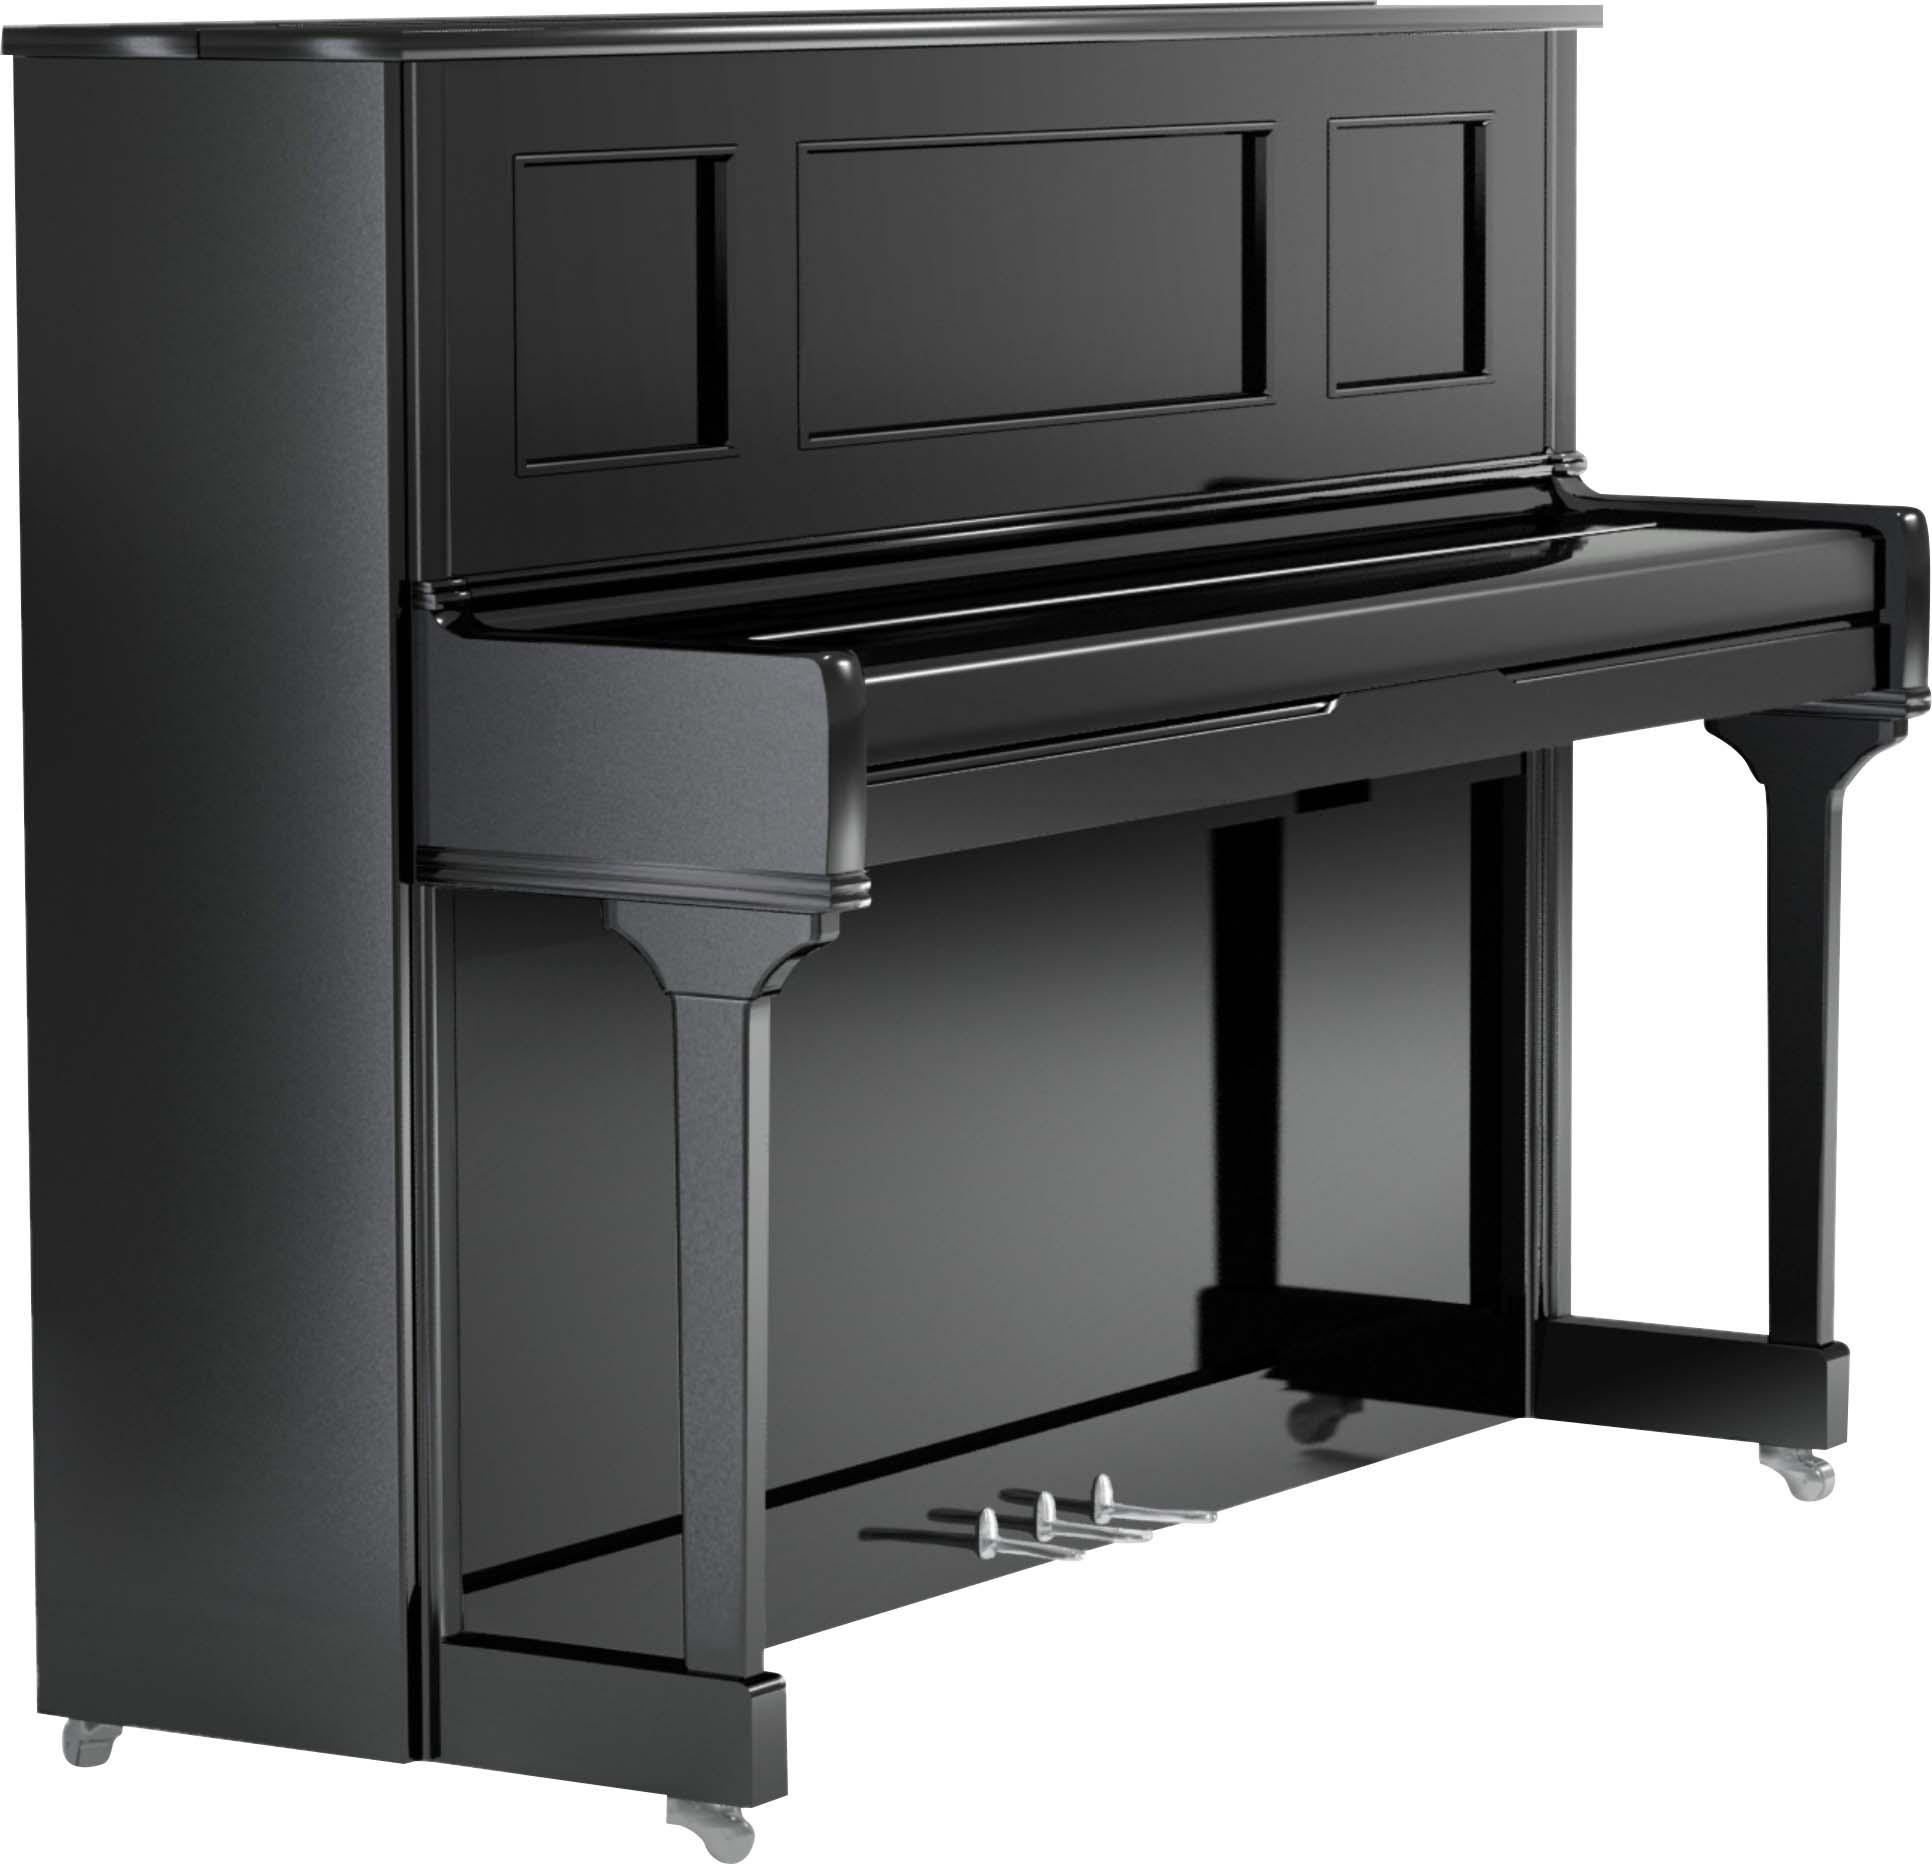 เปียโน Upright Piano Harrodser H-5 Spec